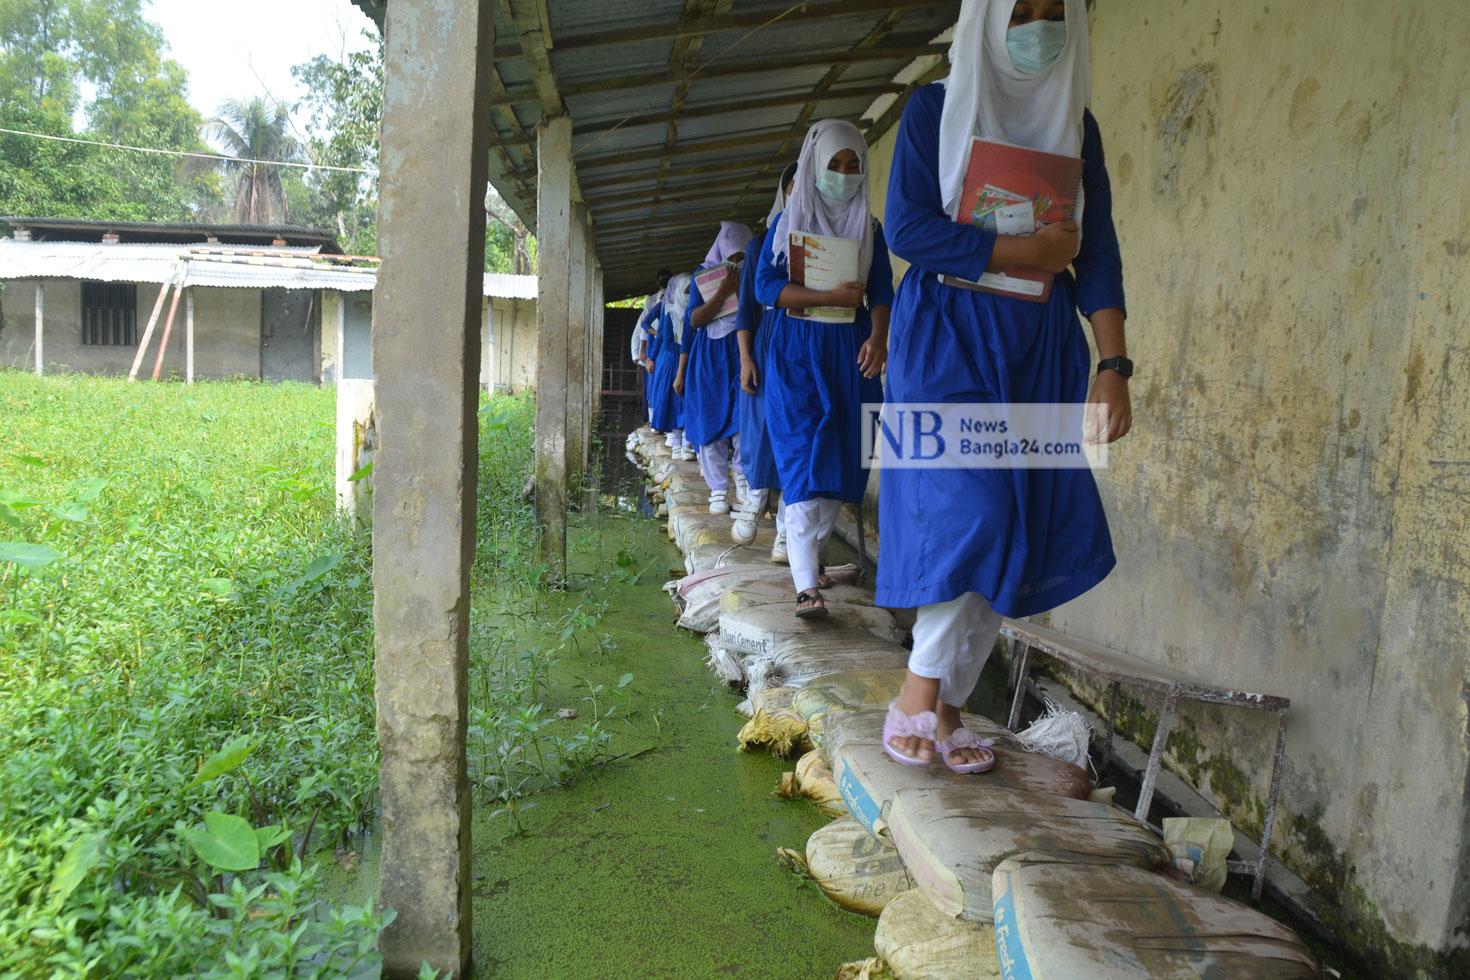 জলাবদ্ধ স্কুল, শিক্ষক-শিক্ষার্থীদের দুর্ভোগ